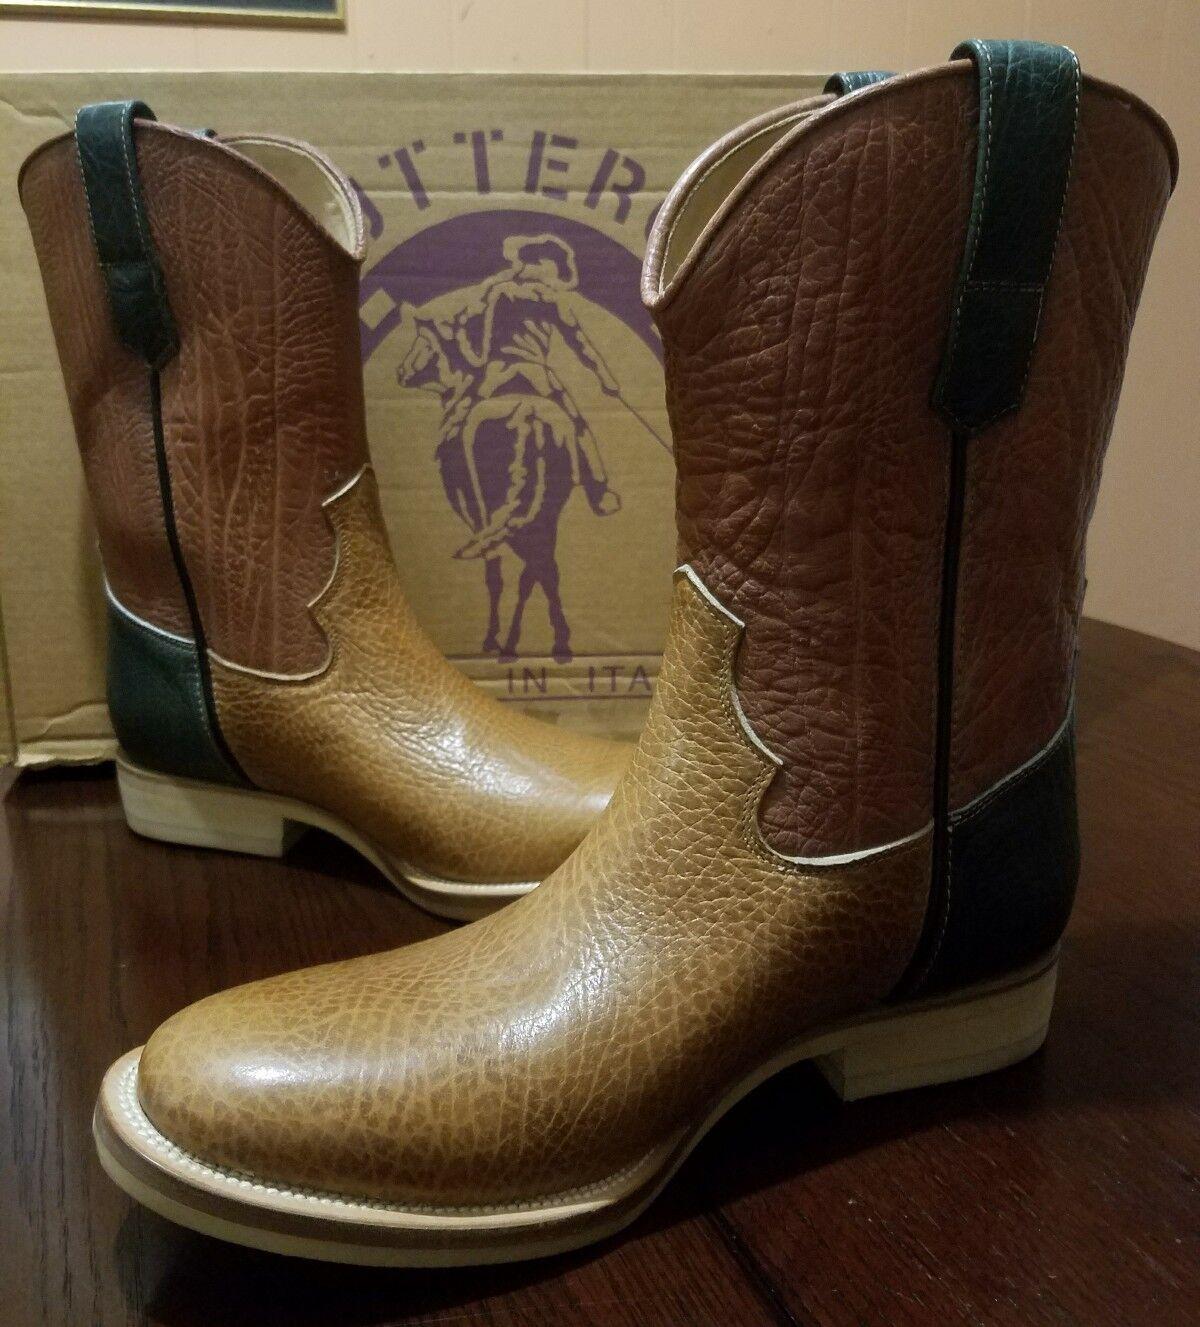 Buttero Hombres Suave Bull OCULTAR Western Cowboy botas Talla EE. UU. 10.5, 44 euros  Hechos en Italia